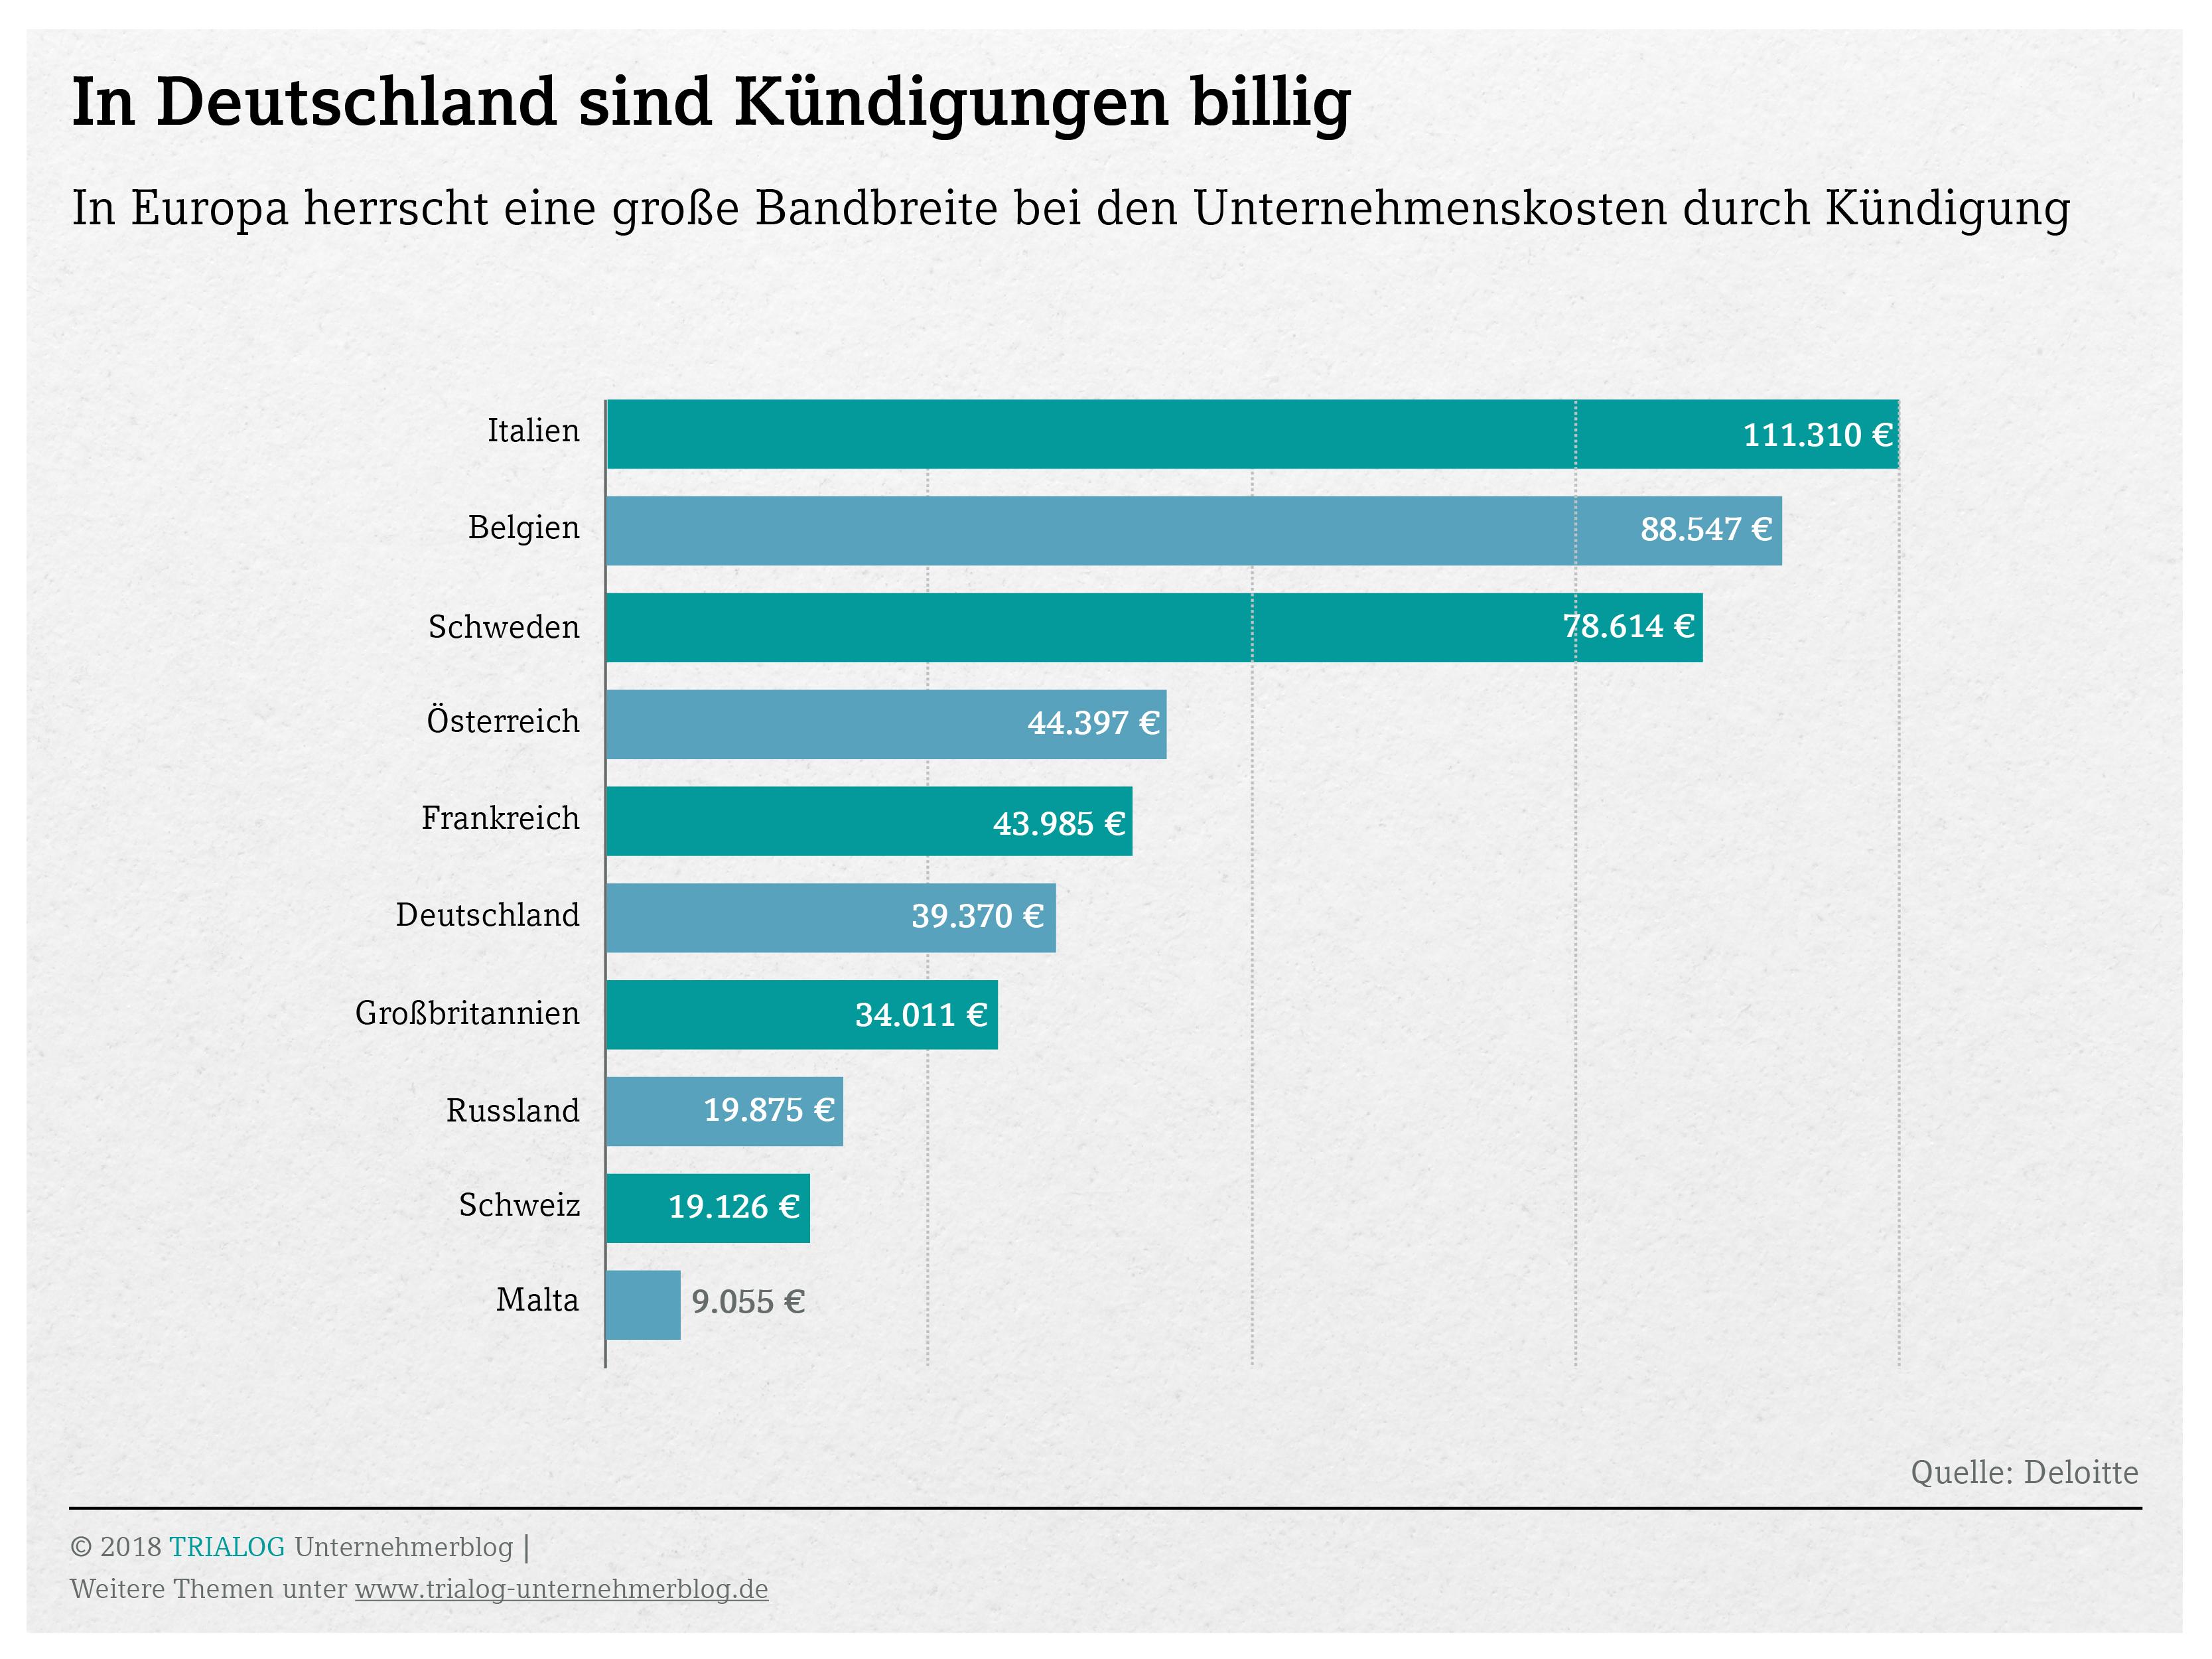 Grafik Im internationalen Vergleich kommen deutsche Unternehmen bei Kuendigungen relativ guenstig davon